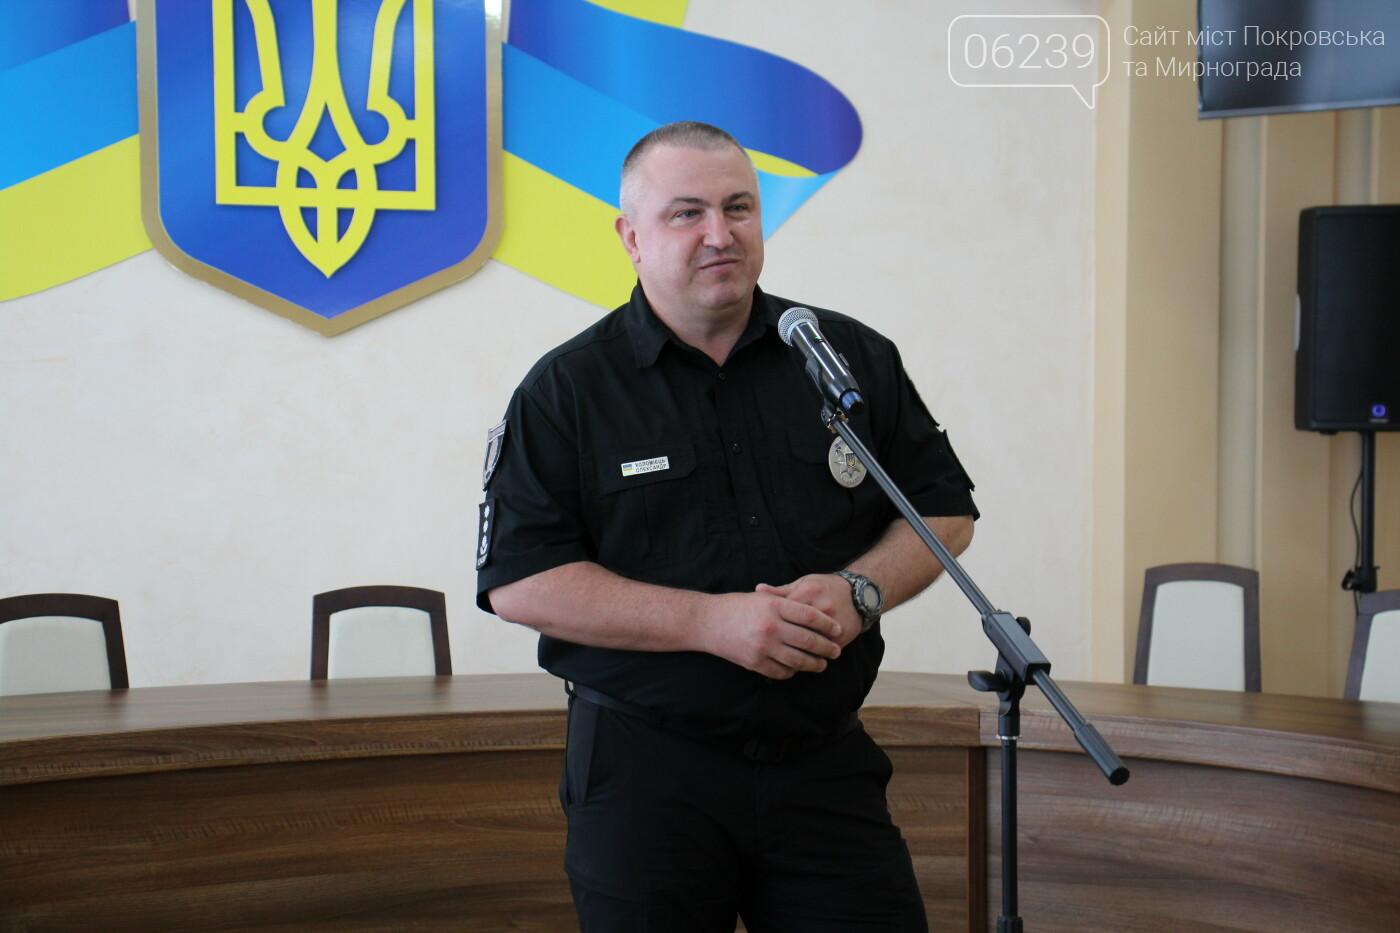 Накануне профессионального праздника в Покровске отметили лучших полицейских , фото-2